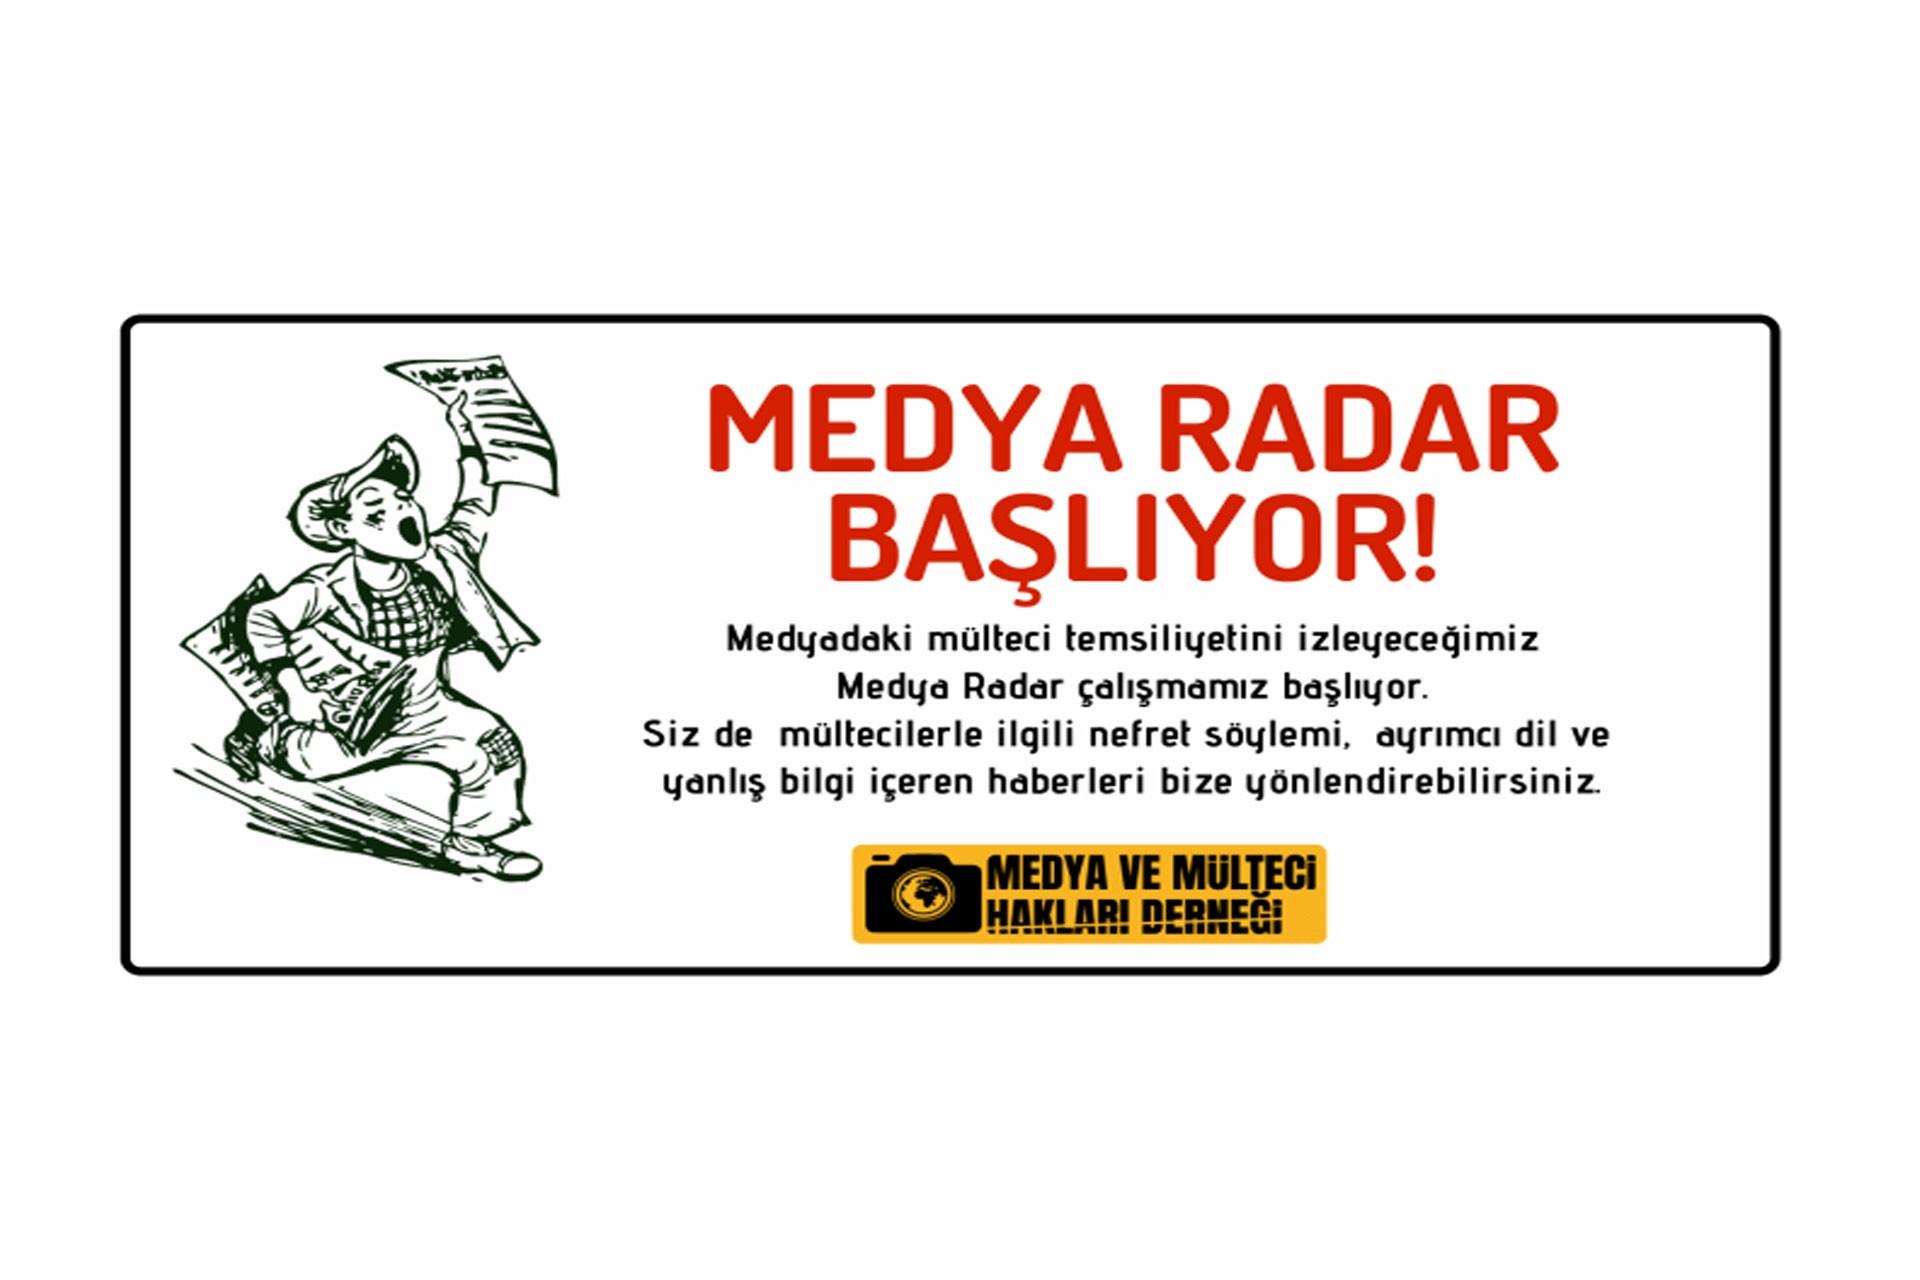 Medya ve Mülteci Hakları Derneğinin medya radar çalışmasına ait görsel